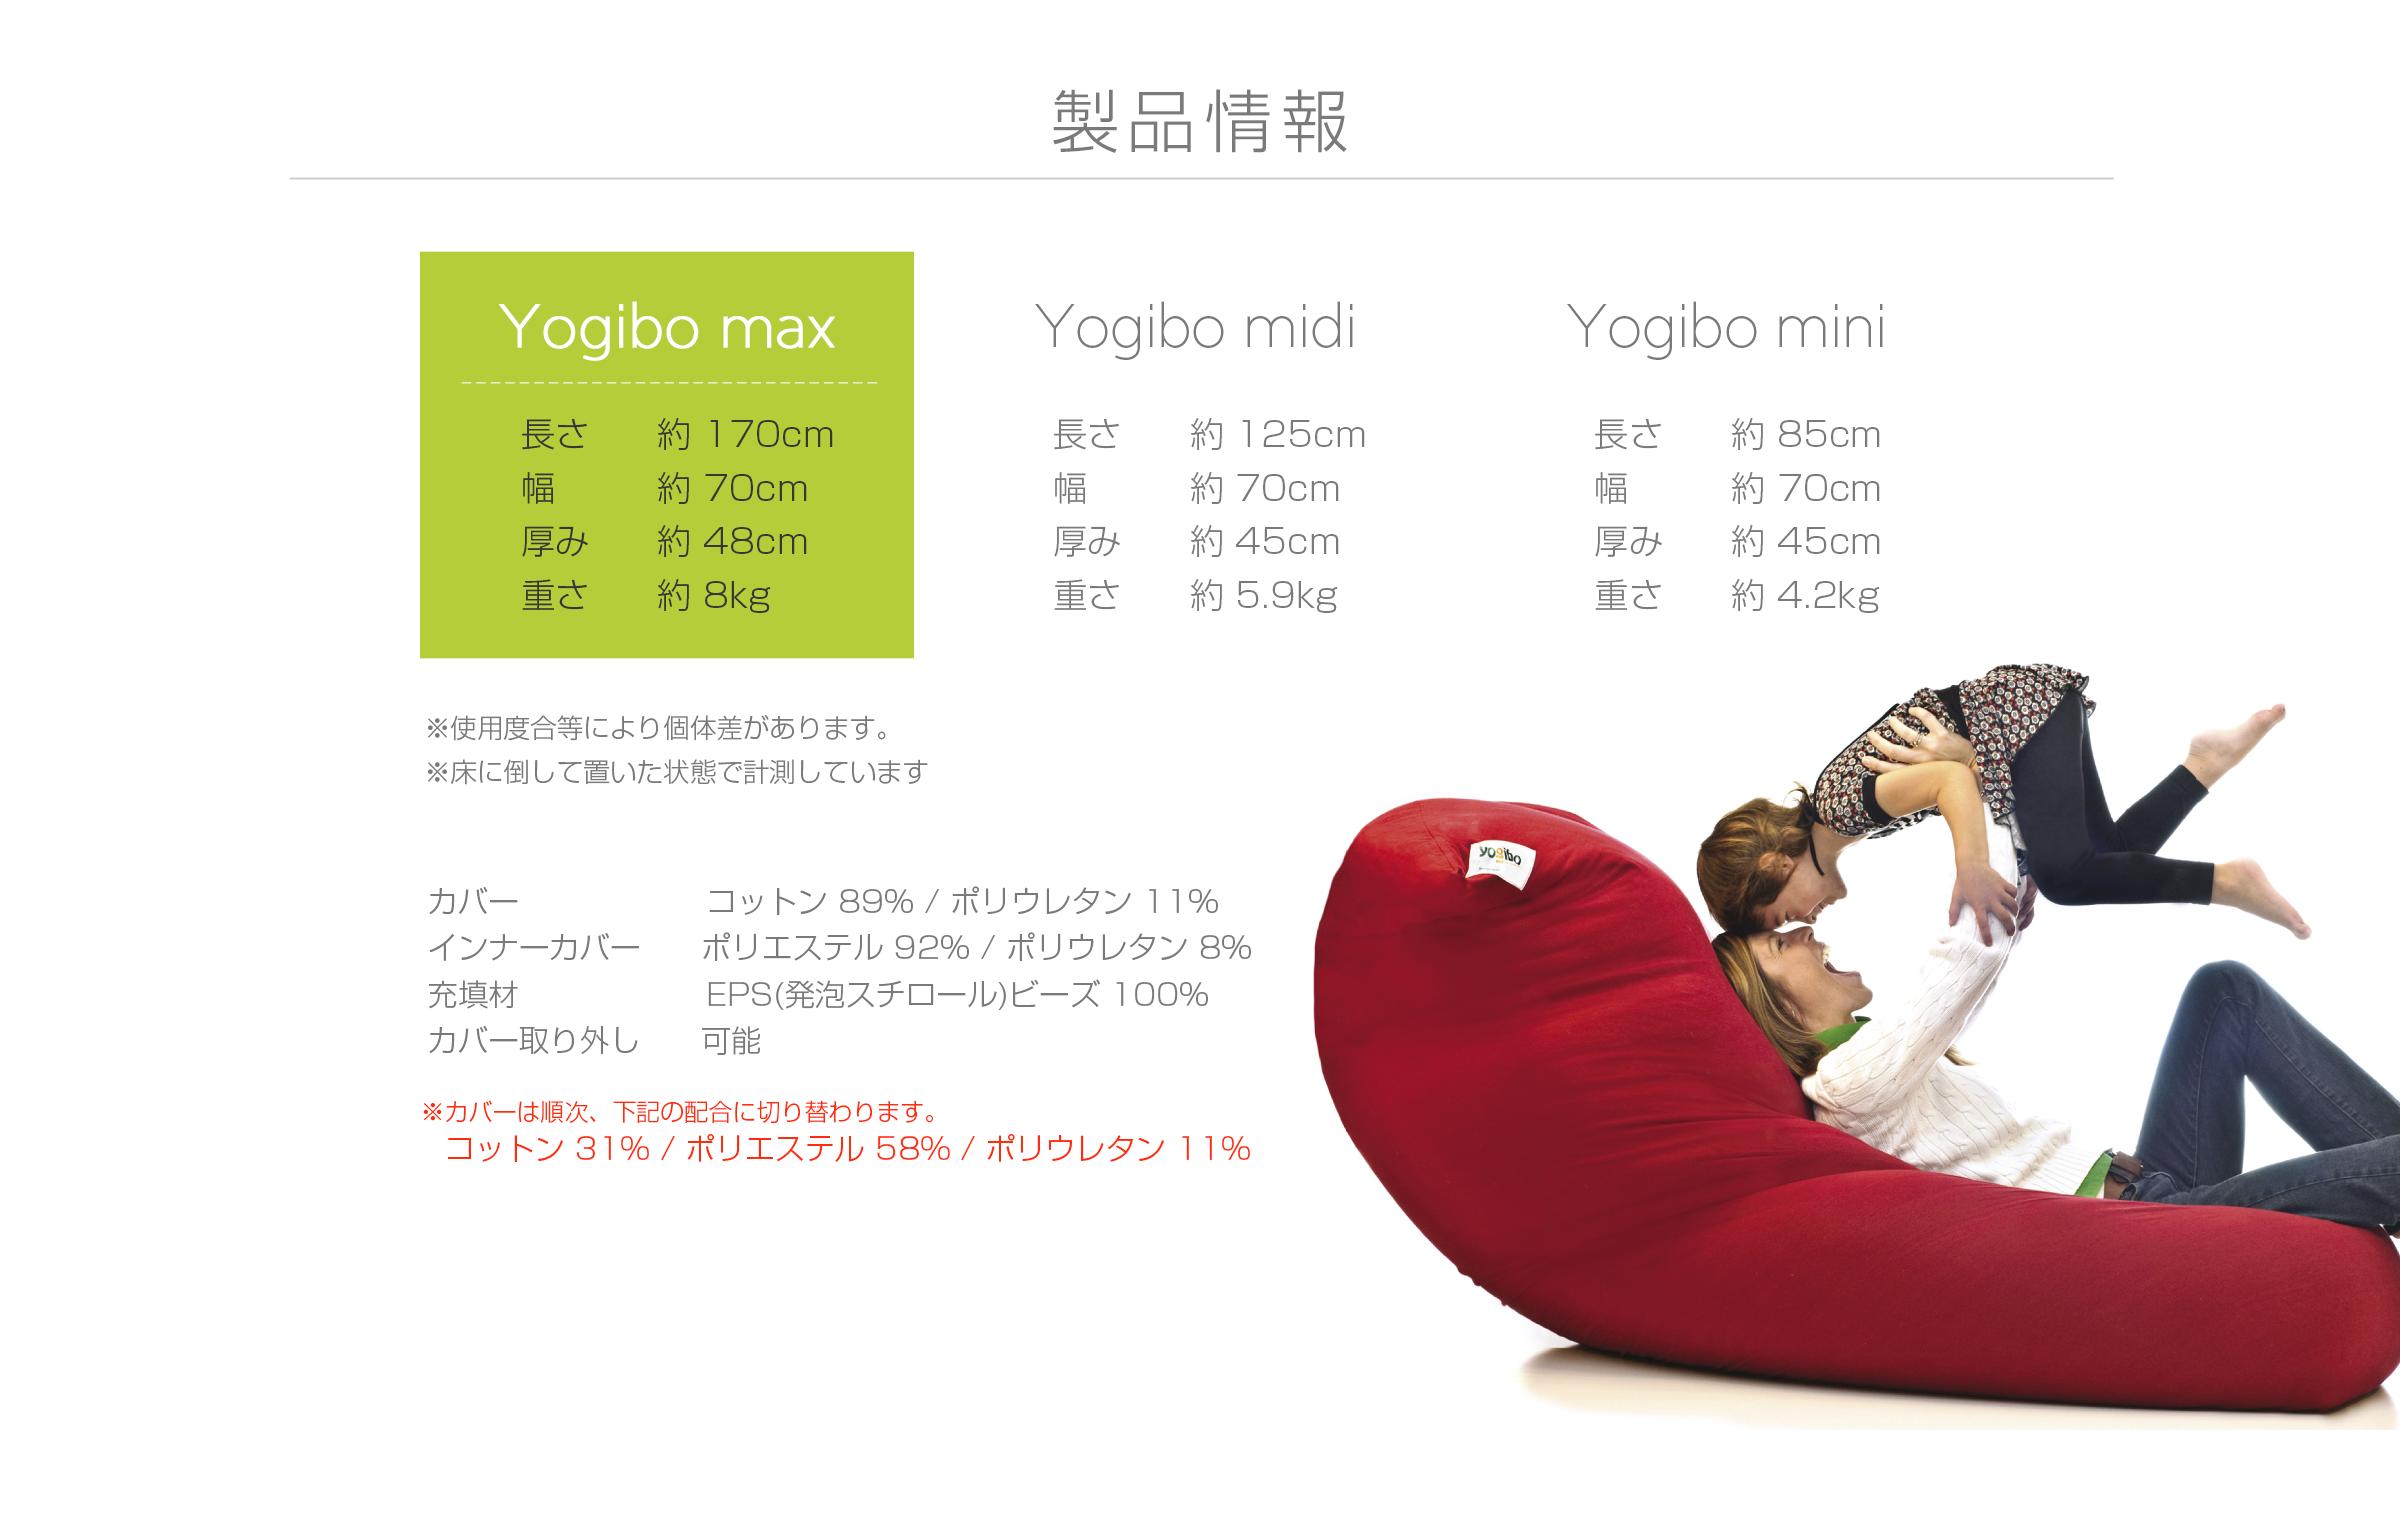 ビーズソファYogibo Maxの製品情報 Yogibo max 長さ約170cm 幅約70cm 厚み約48cm 重さ約8kg